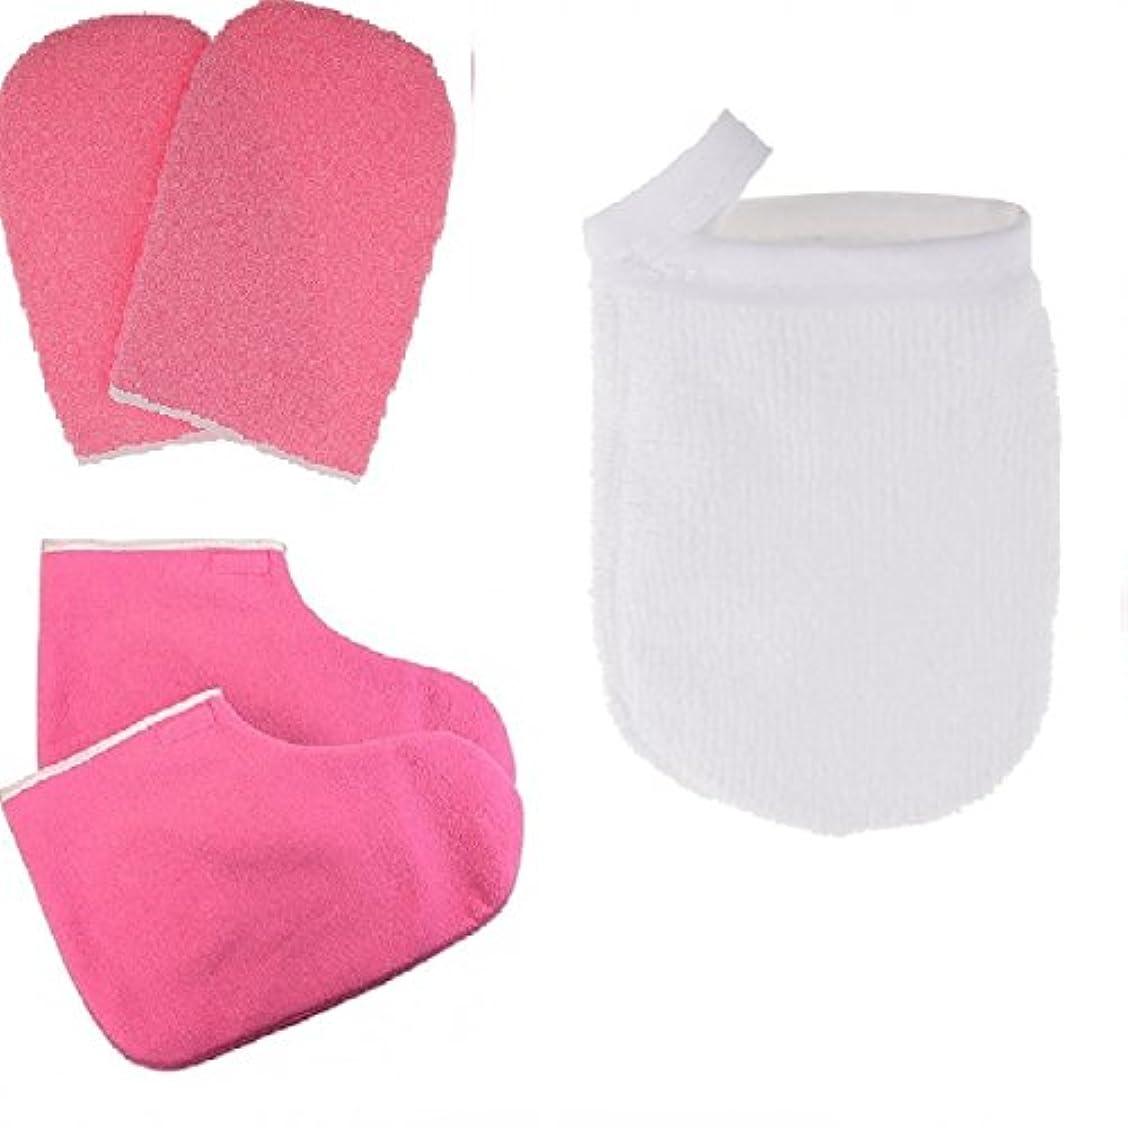 ストレス値ロータリーグローブ 手袋 パラフィンワックス保護手袋 メイクリムーバー